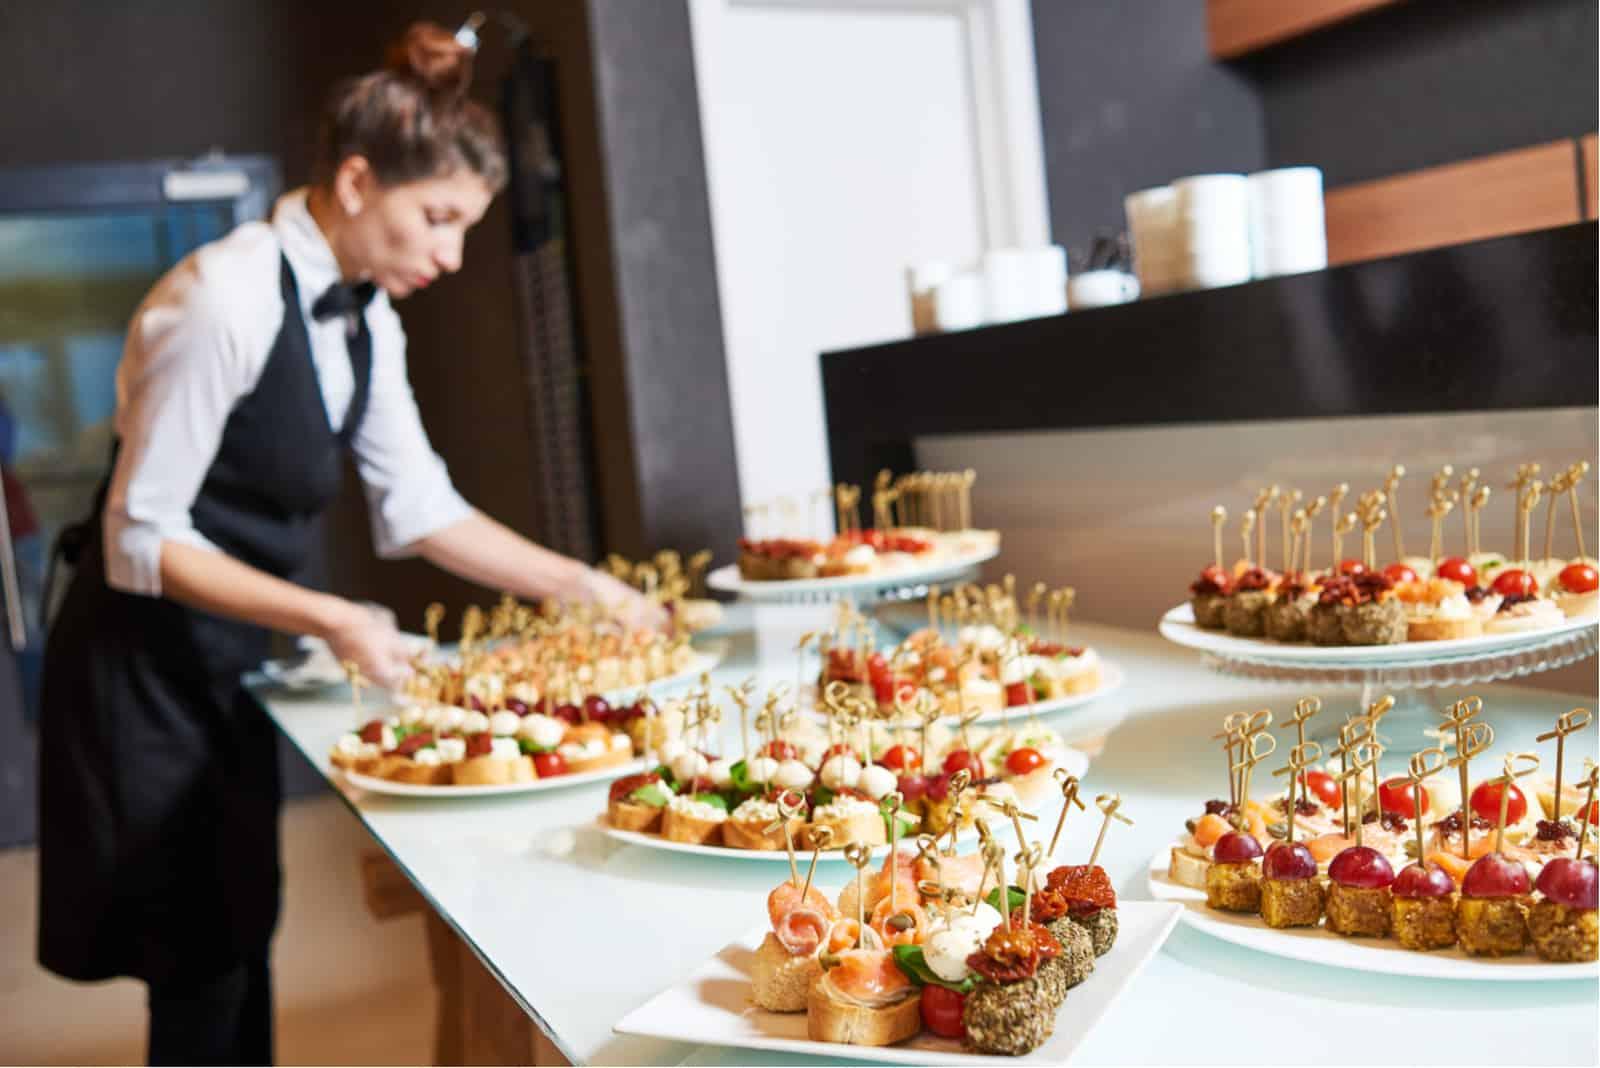 Kellnerin Serviertisch mit Essen